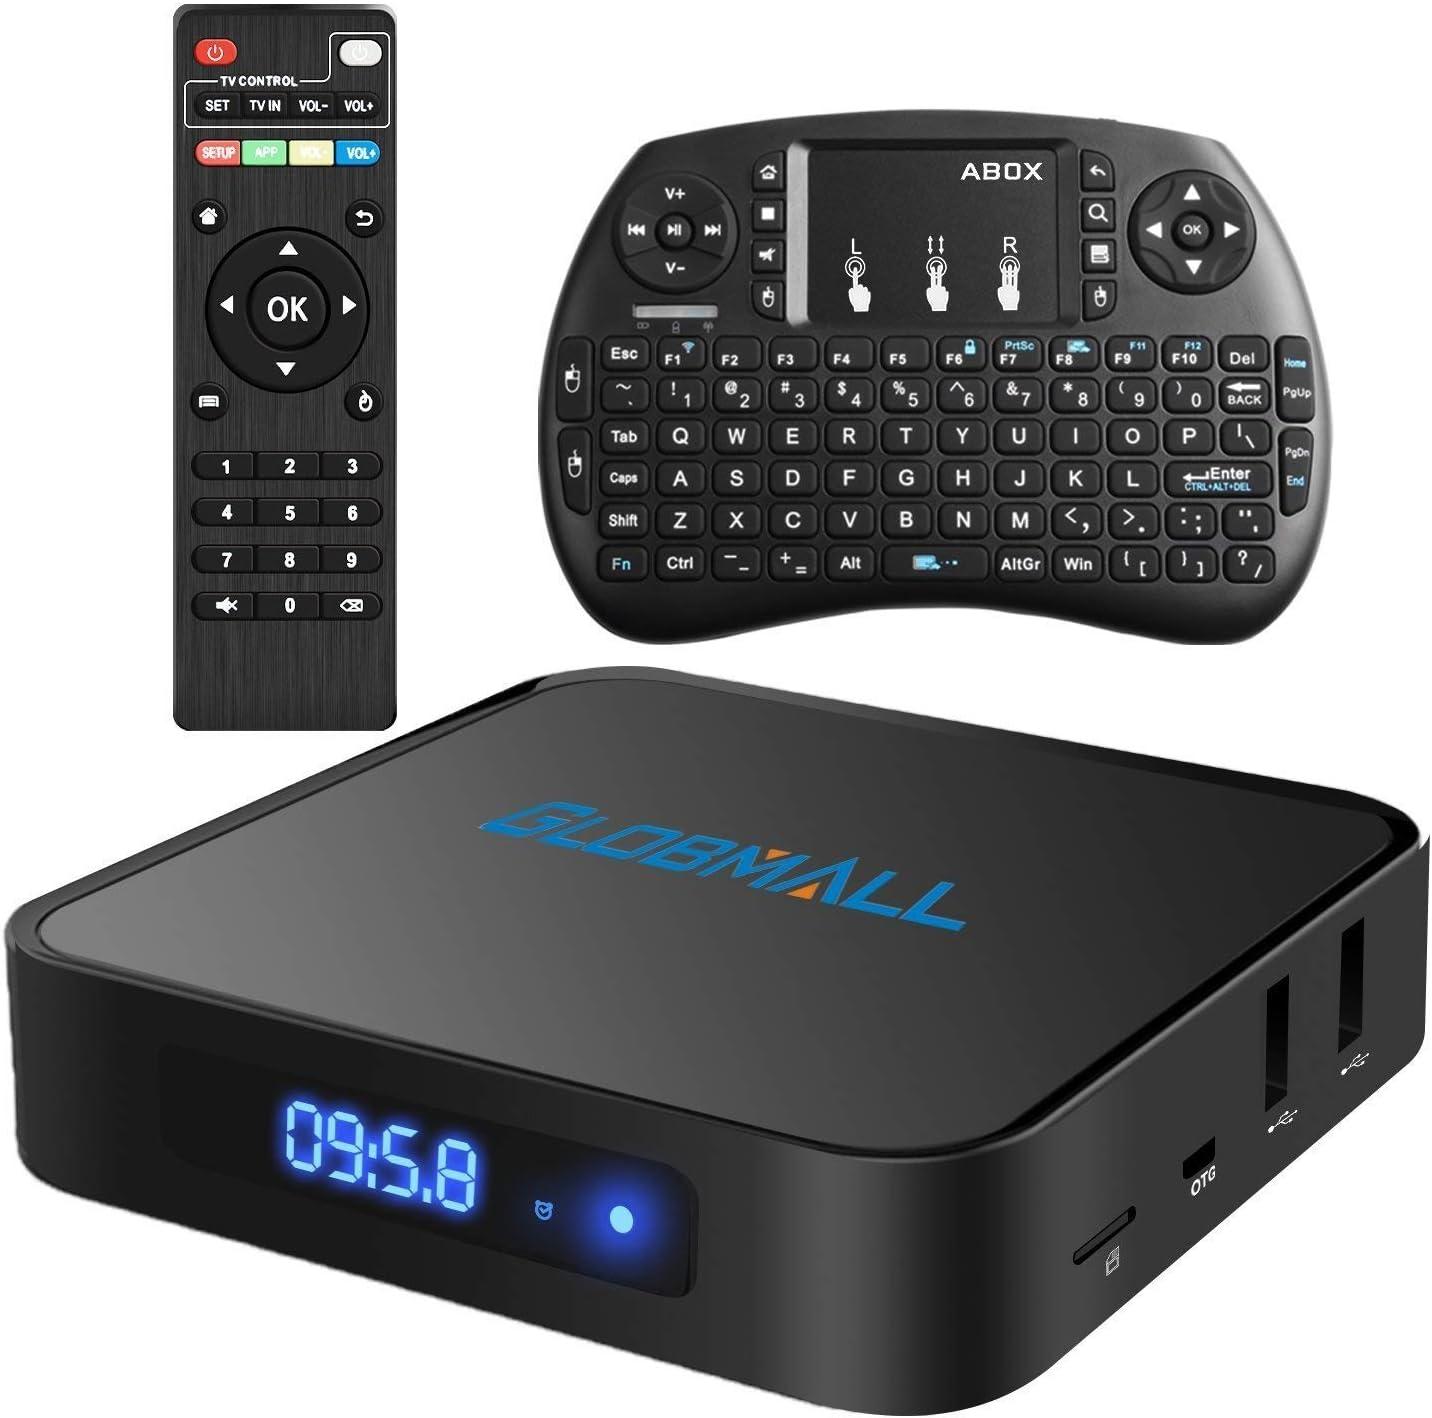 glob Mall – A1 Plus Caja Android 6,0 Smart TV con 2 GB de RAM Amlogic Quad Core A53 Procesador de 64 bits, soporte HDMI Salida 2,0 4 K (60Hz) Full HD,